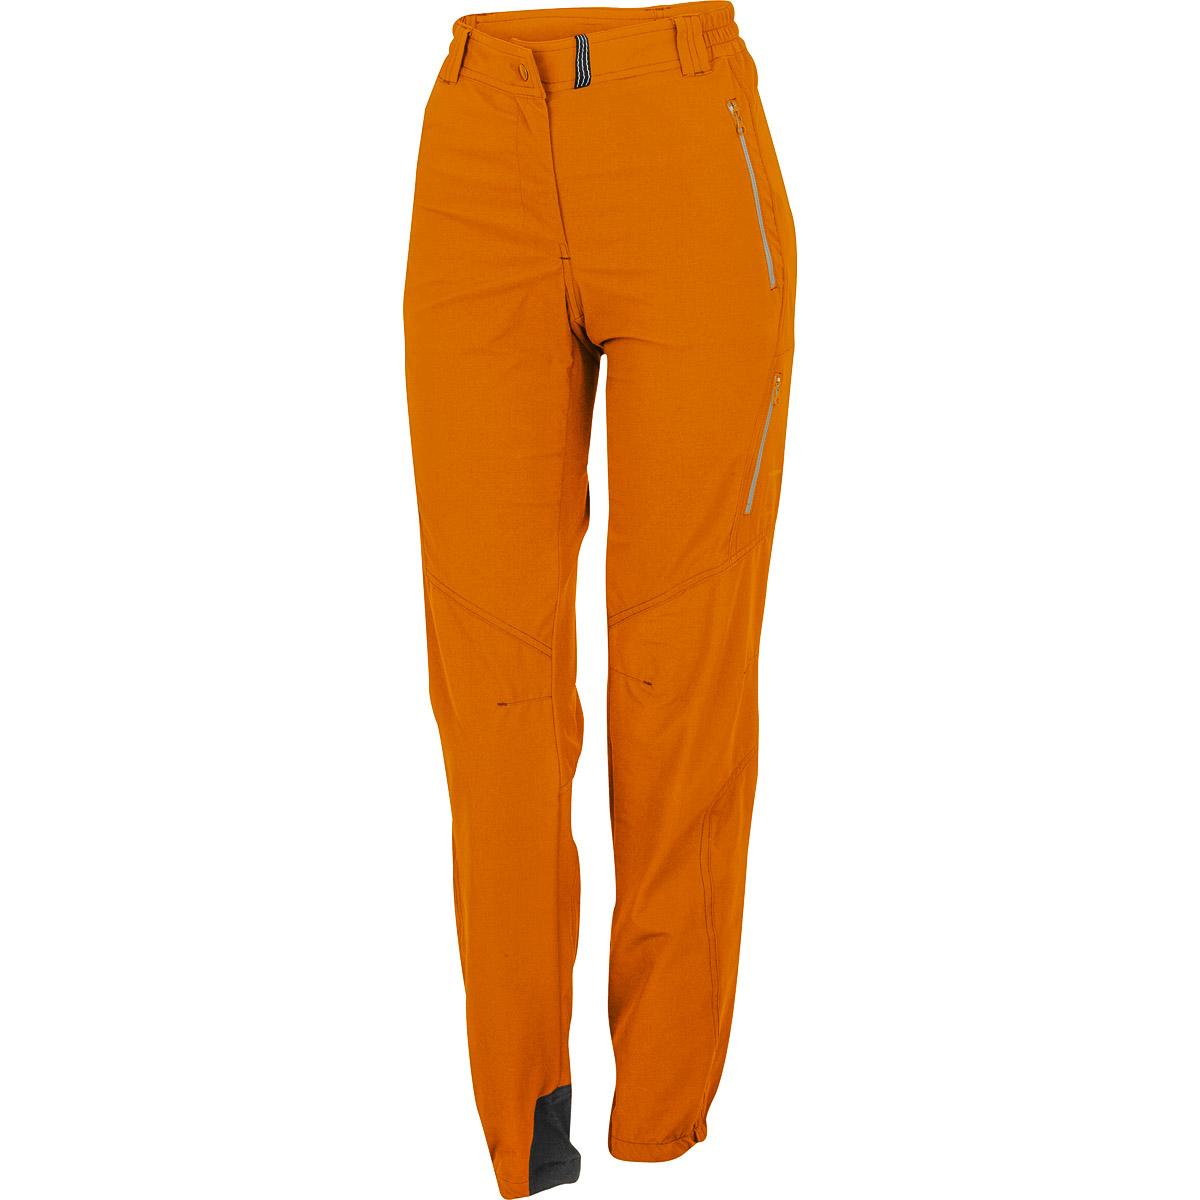 1ff064b416d7 Karpos Remote Nohavice Dámske oranžové. Pre absolútny zážitok prosím  použite prehliadač s javascriptom. ‹ ›